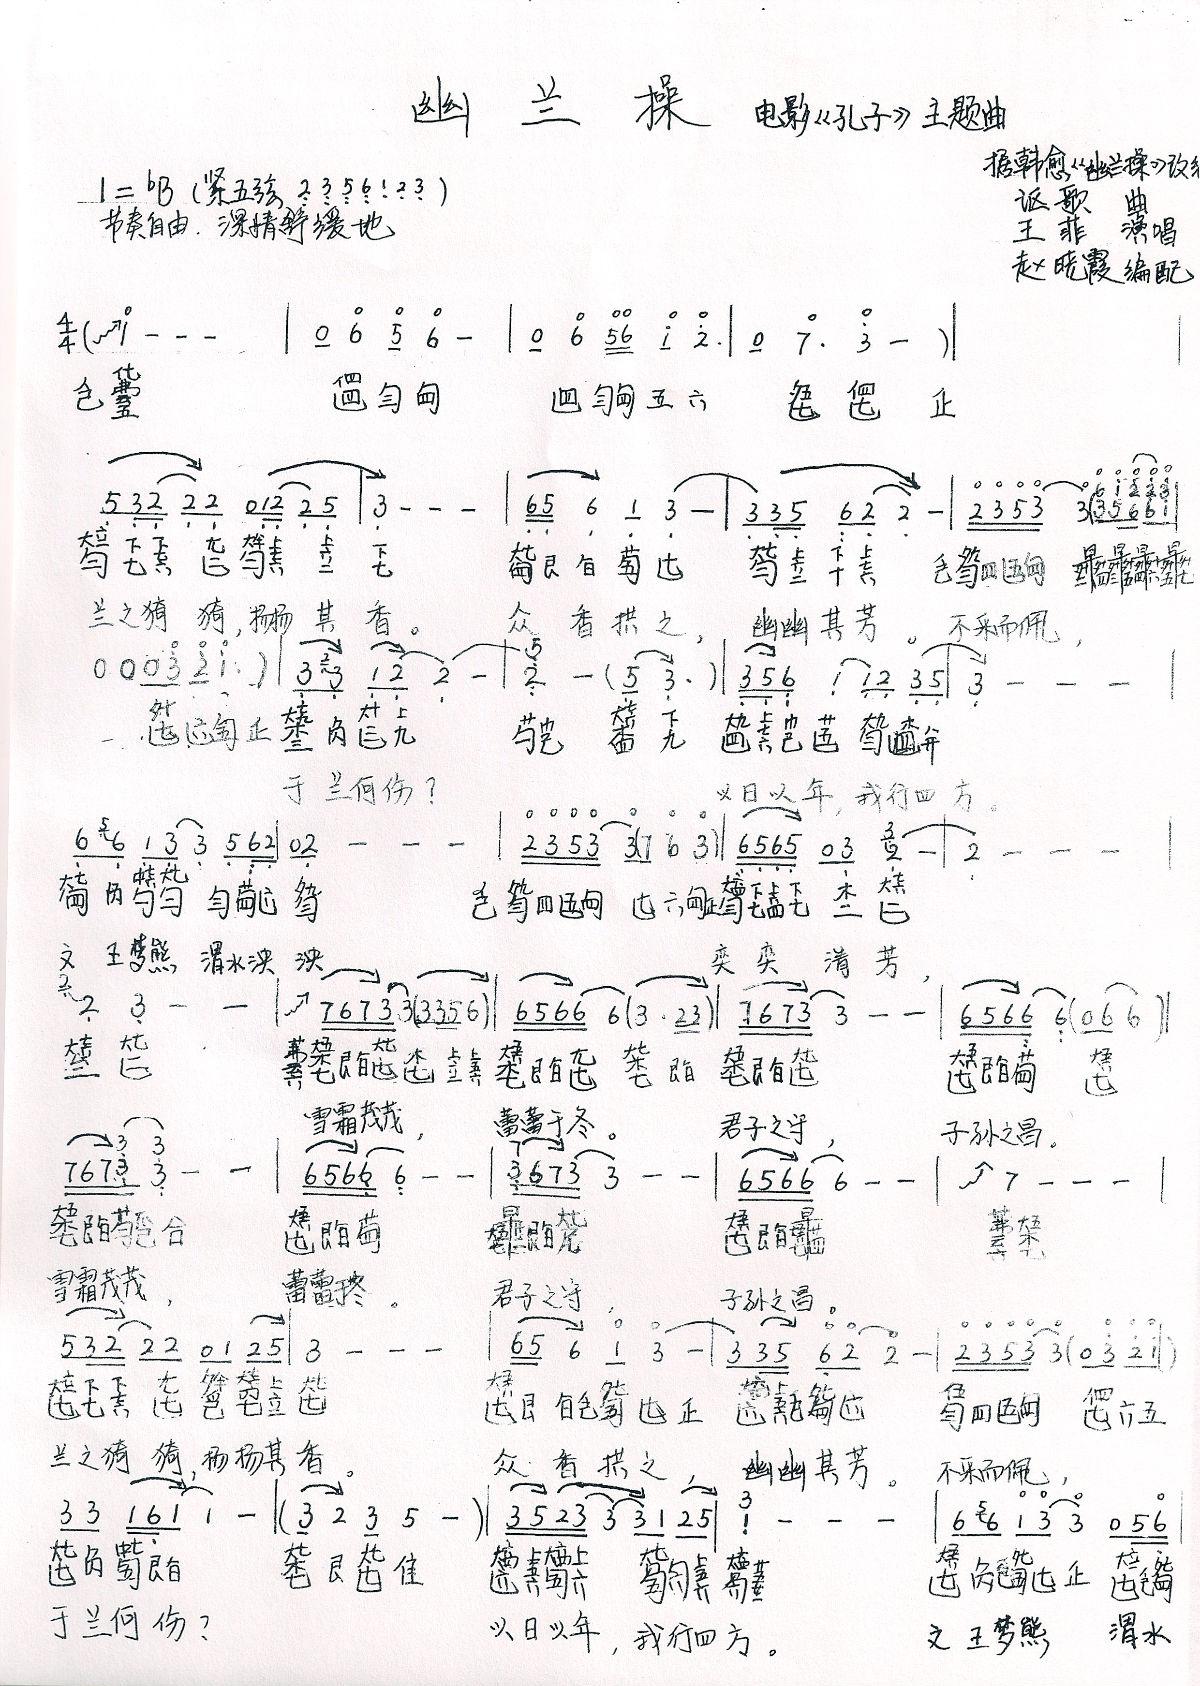 古琴 酒狂 减字谱分享展示图片